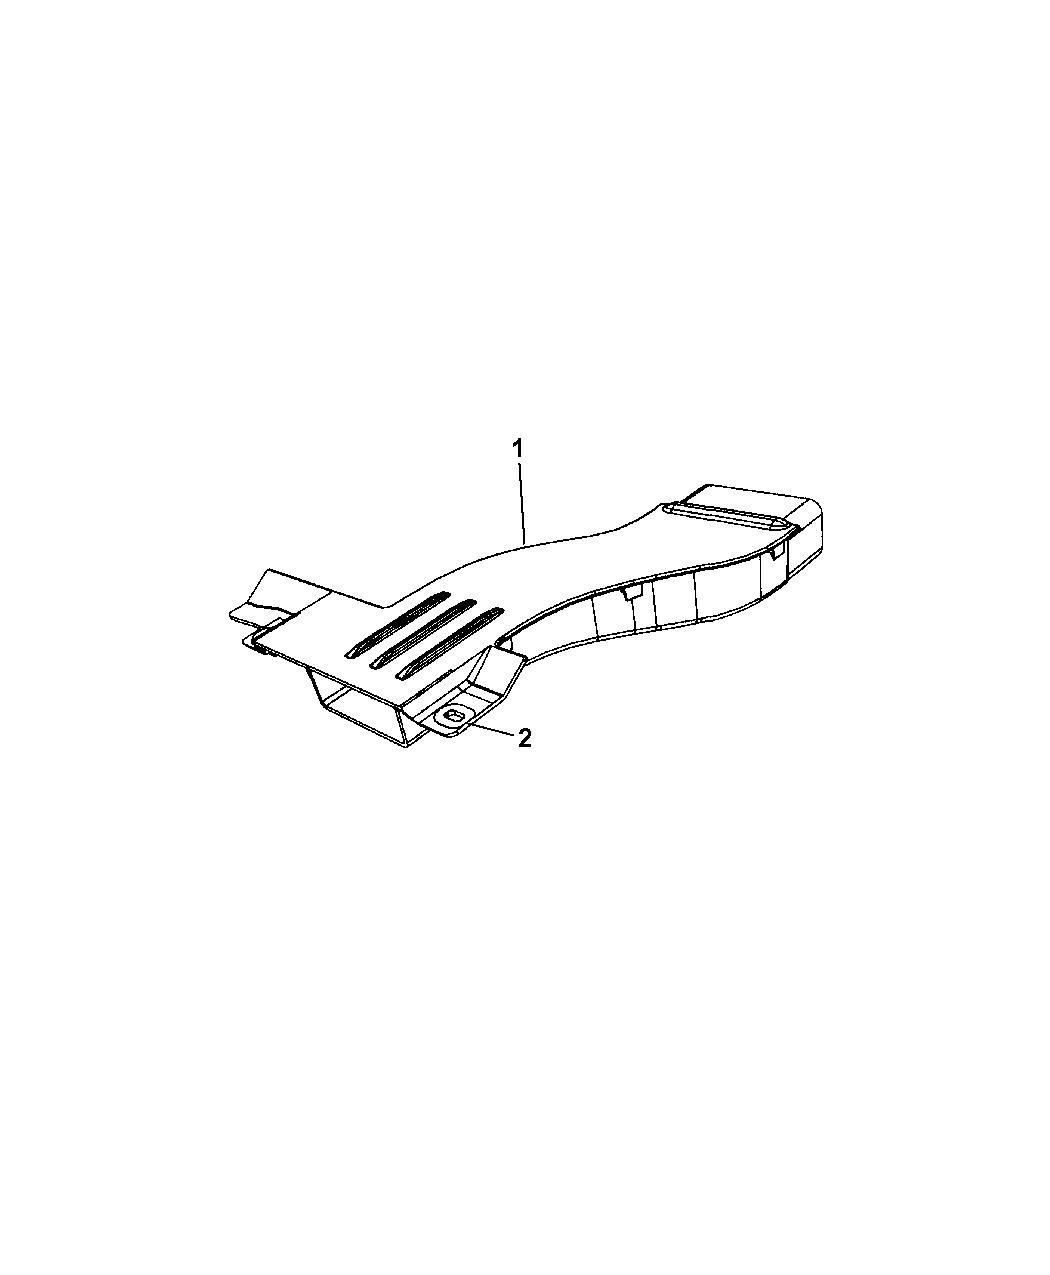 4891630AB - Genuine Mopar DUCT-FRESH AIR